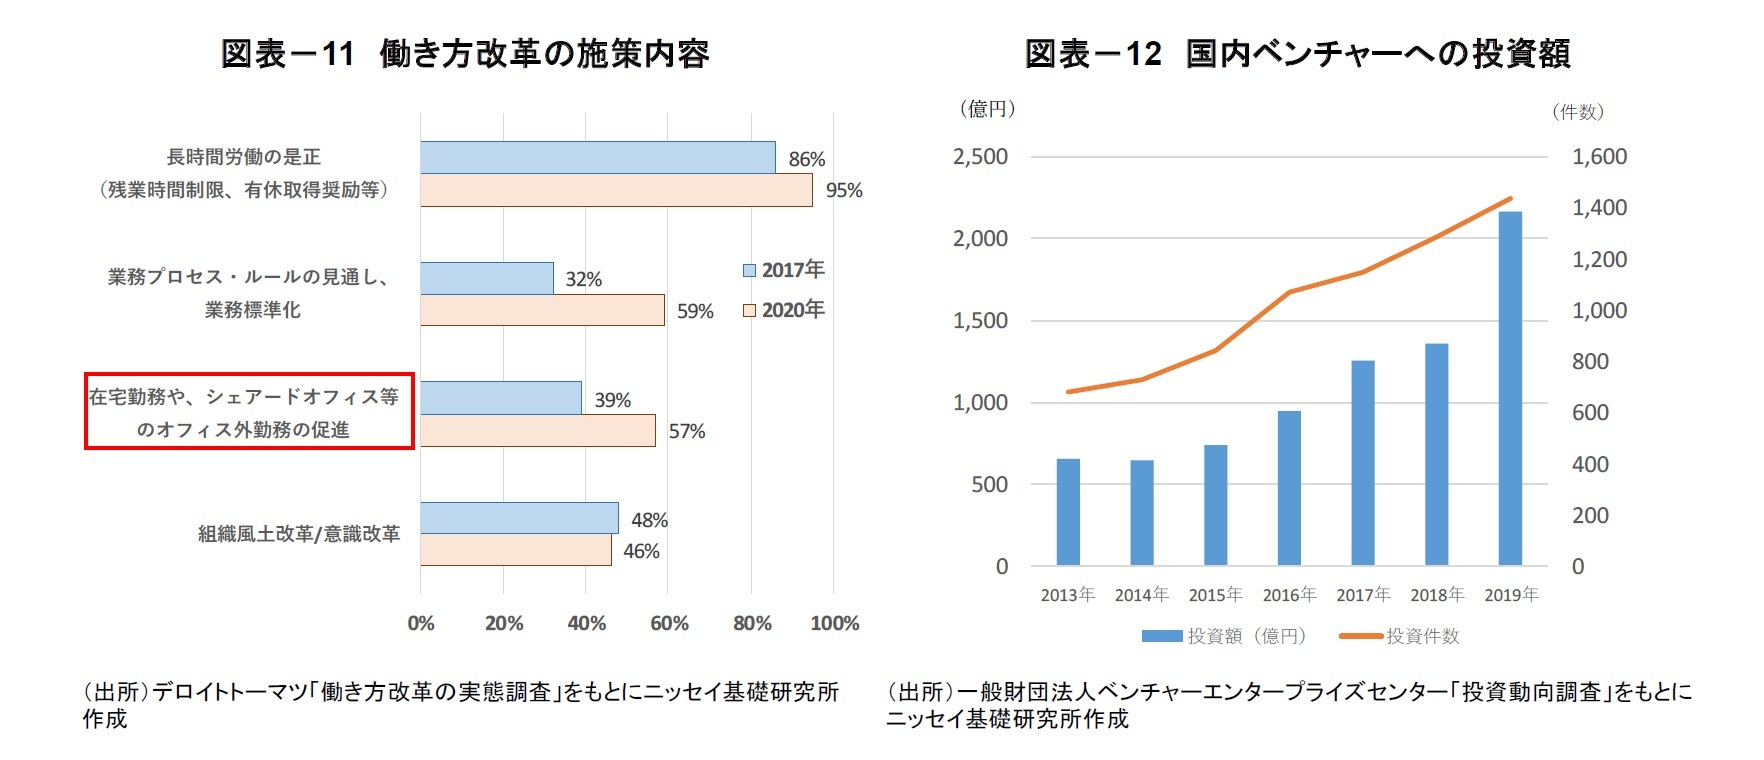 図表-11 働き方改革の施策内容/図表-12 国内ベンチャーへの投資額